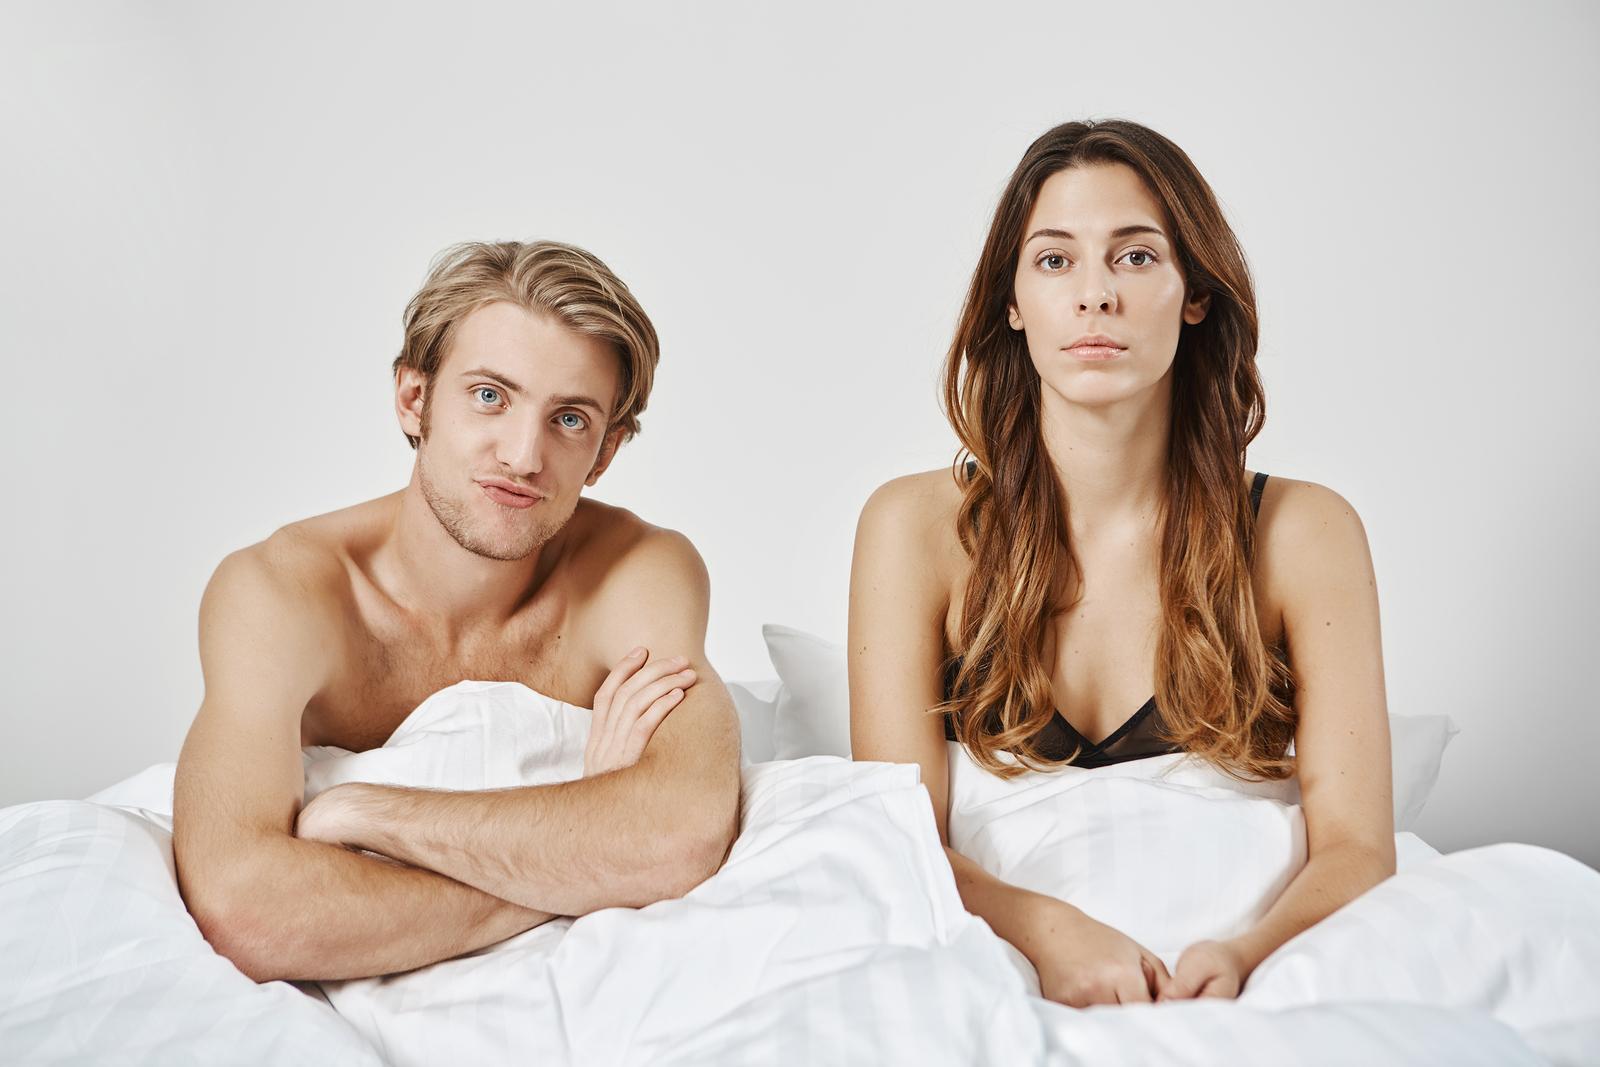 Zwarte Gay Porn You Porn